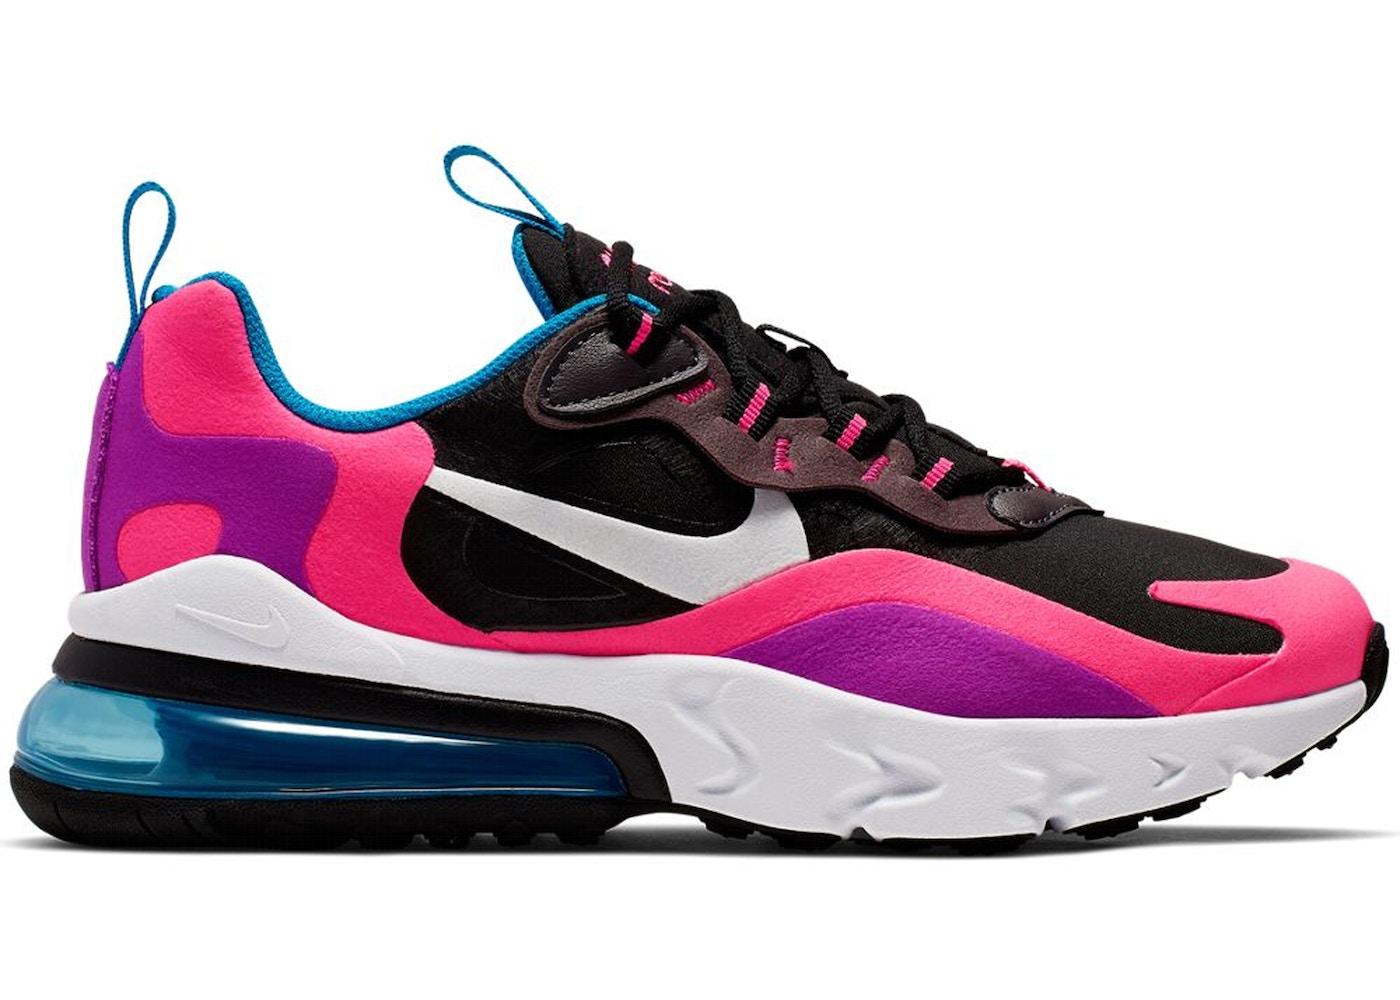 Nike Air Max 270 React Black Hyper Pink Vivid Purple Gs Bq0101 001